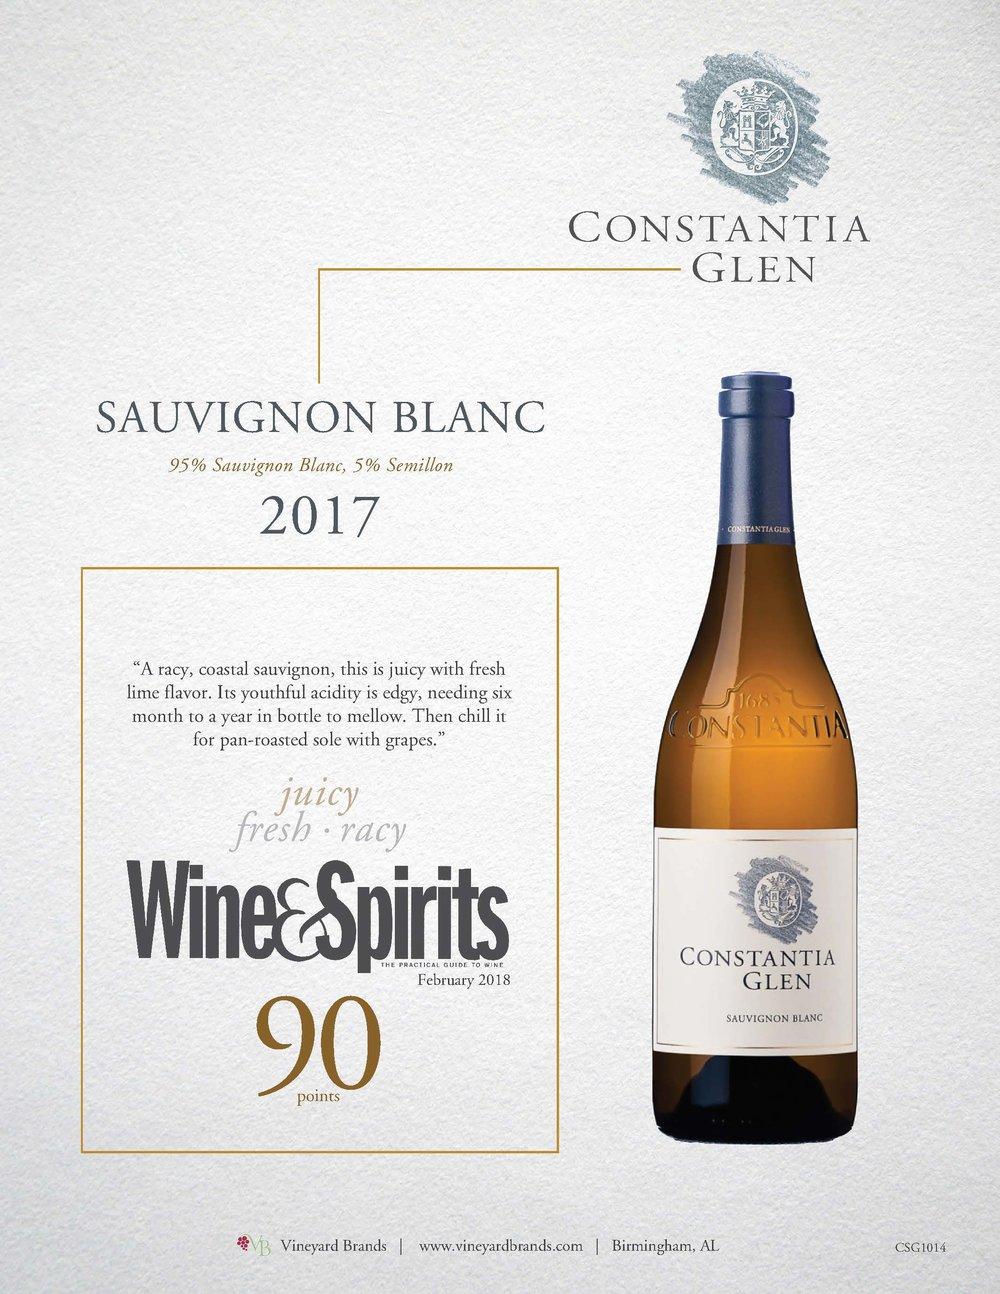 Constantia Glen Sauvignon Blanc 2017.jpg